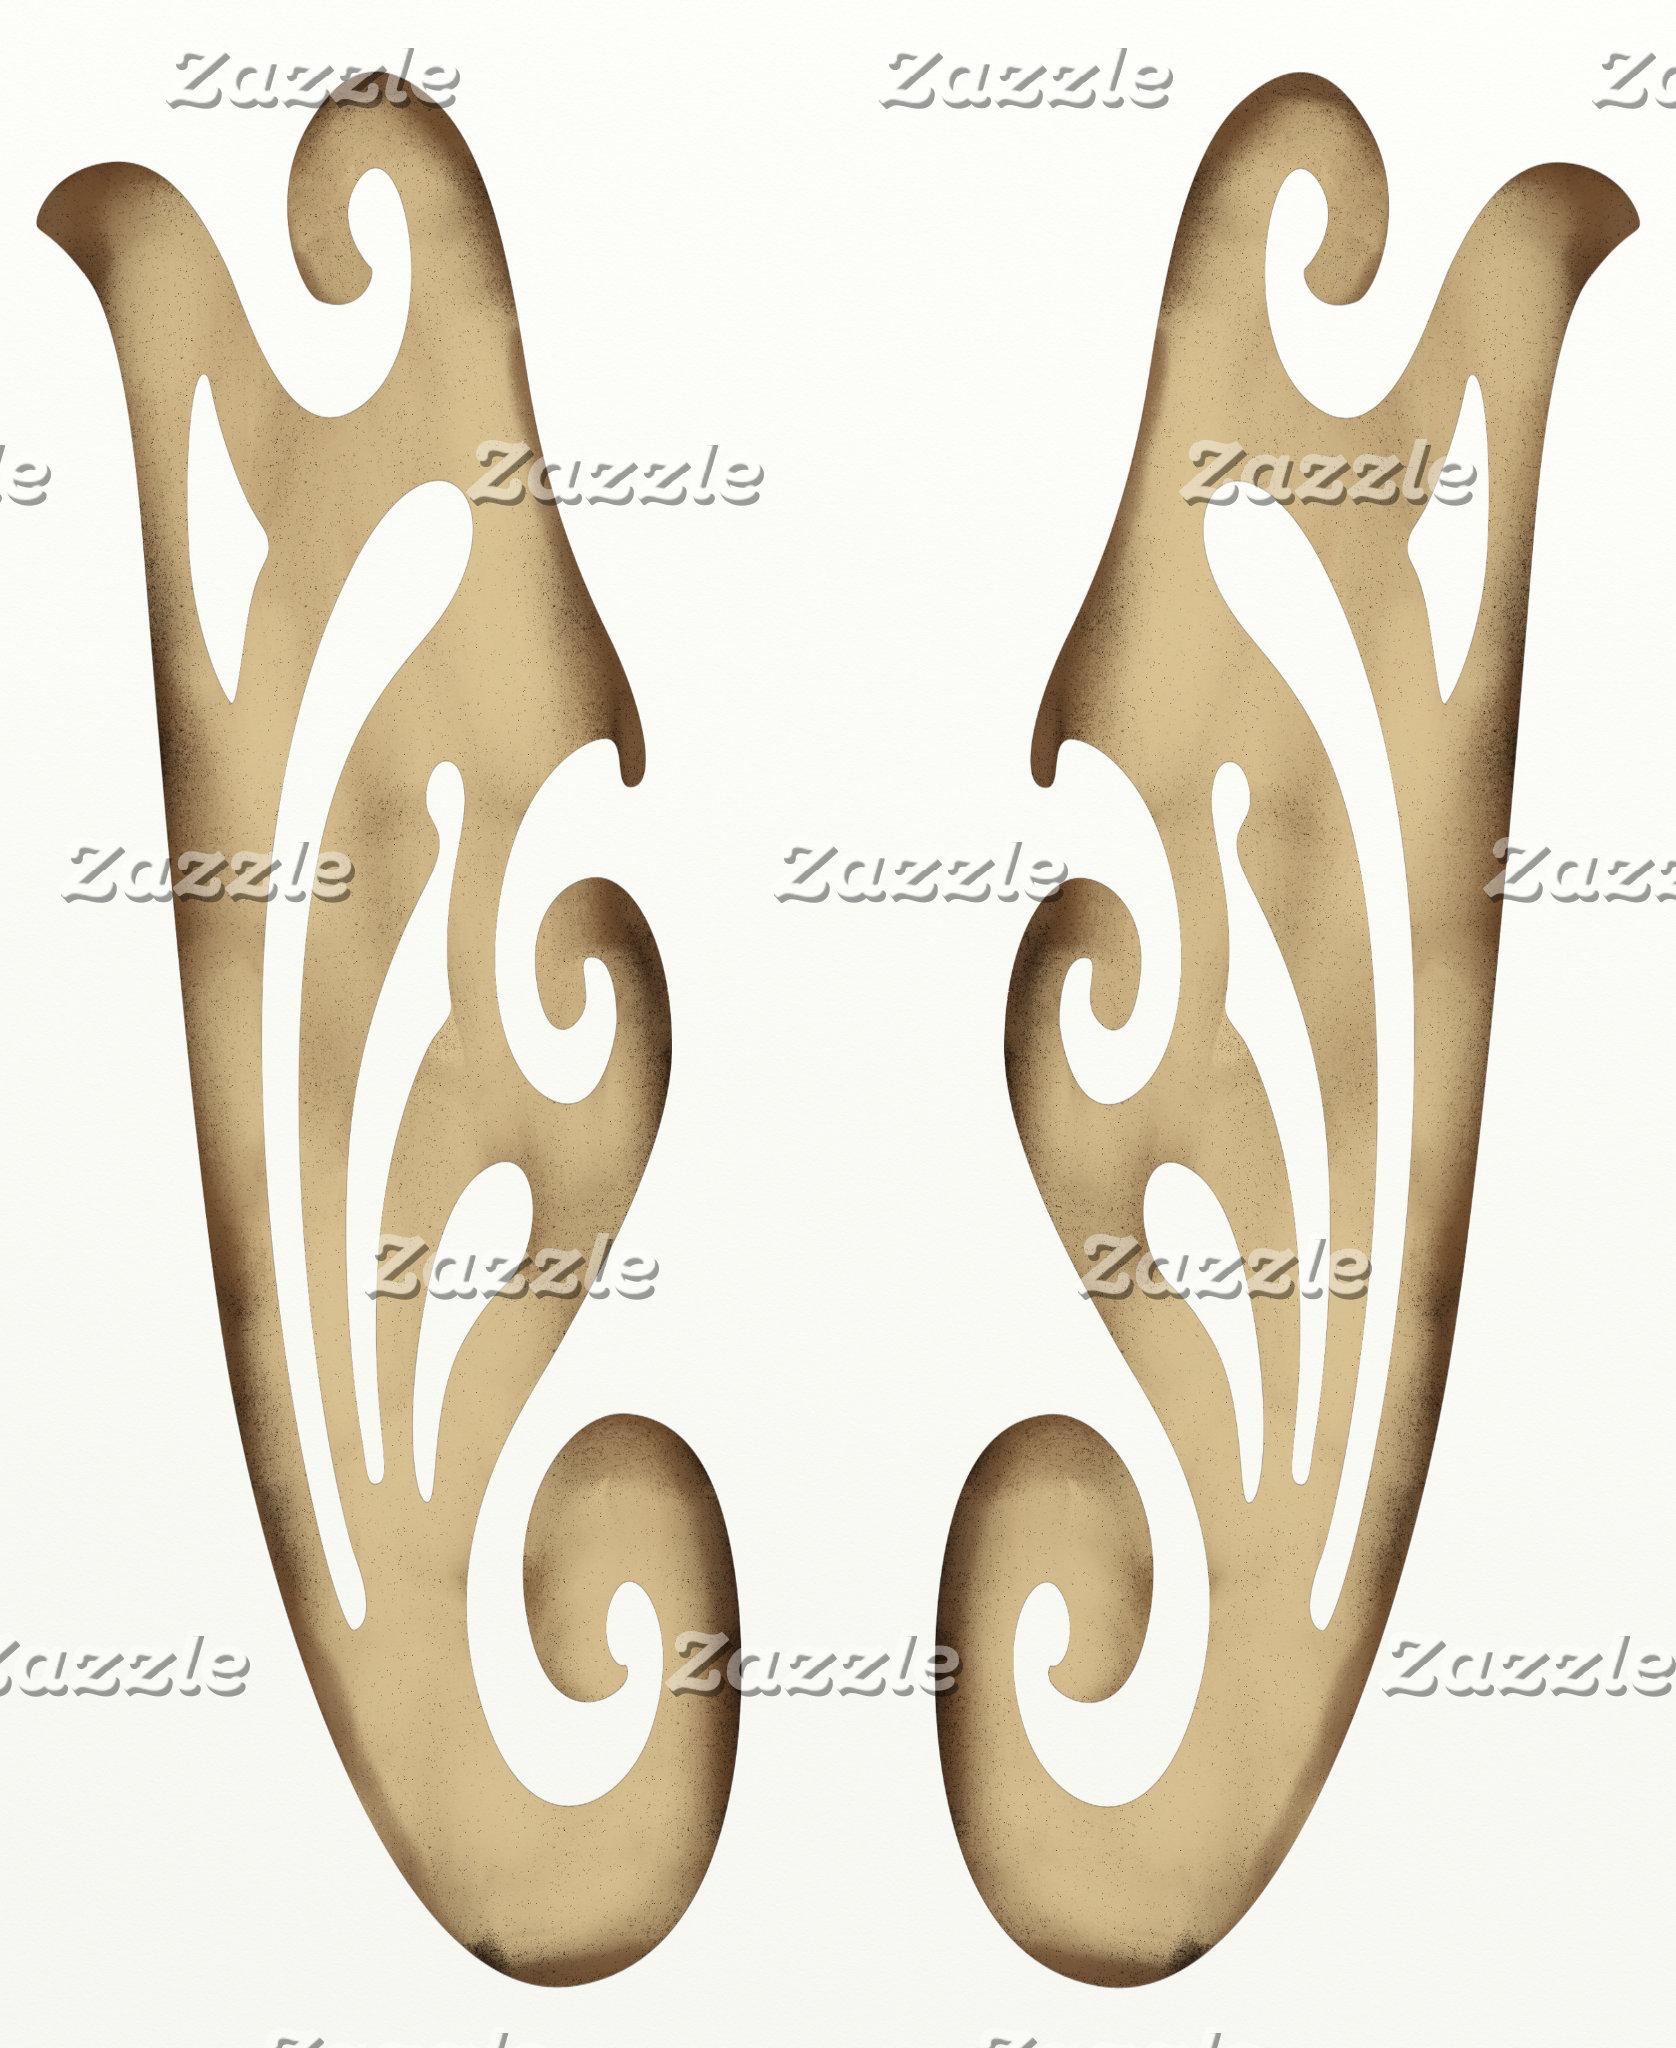 Elegant and Simple Designs